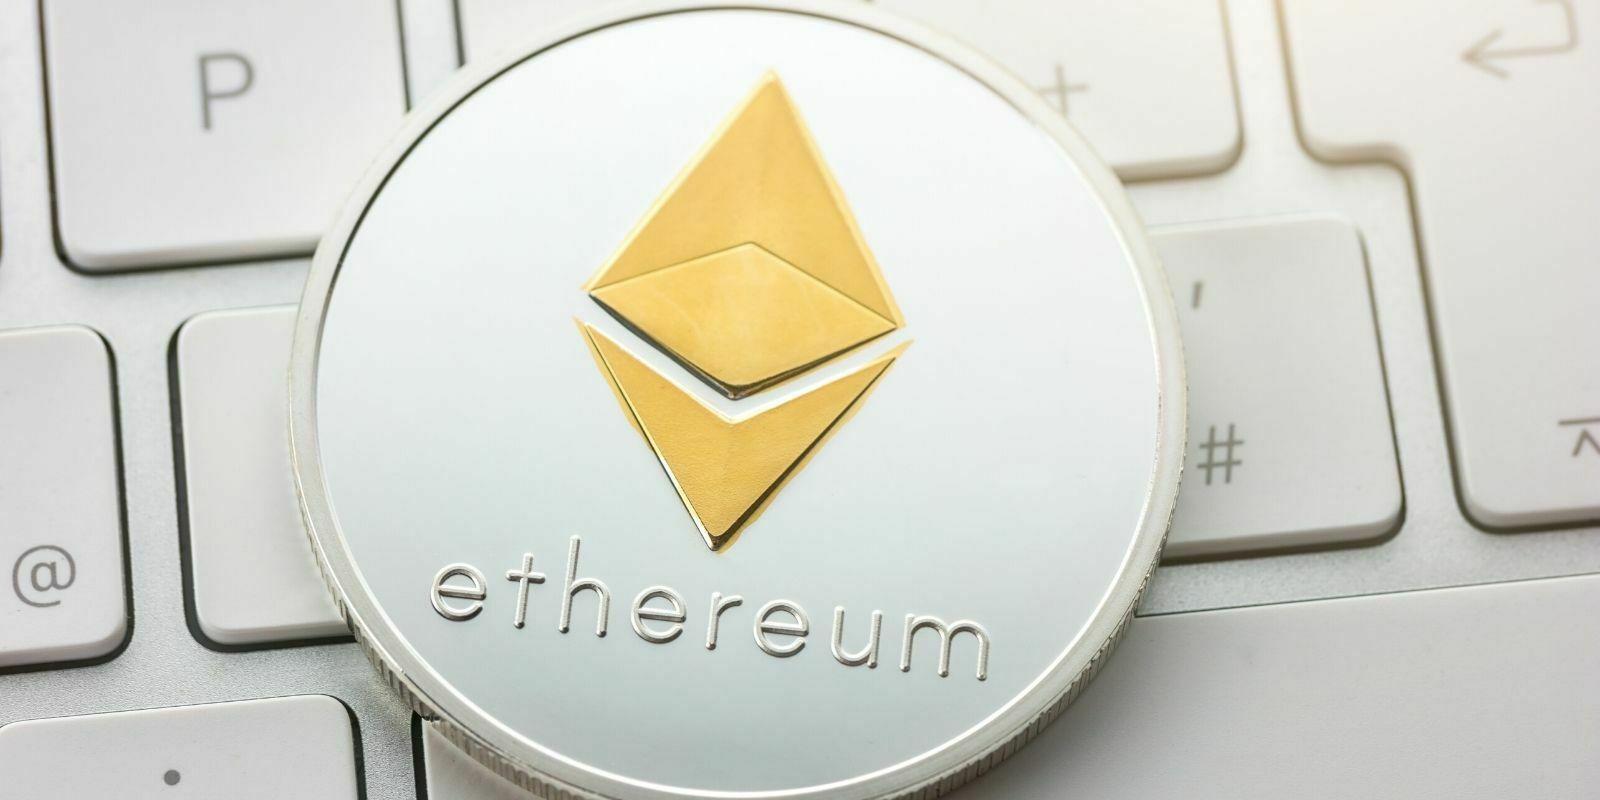 Le staking pour Ethereum 2.0 (ETH) arrive bientôt sur Coinbase